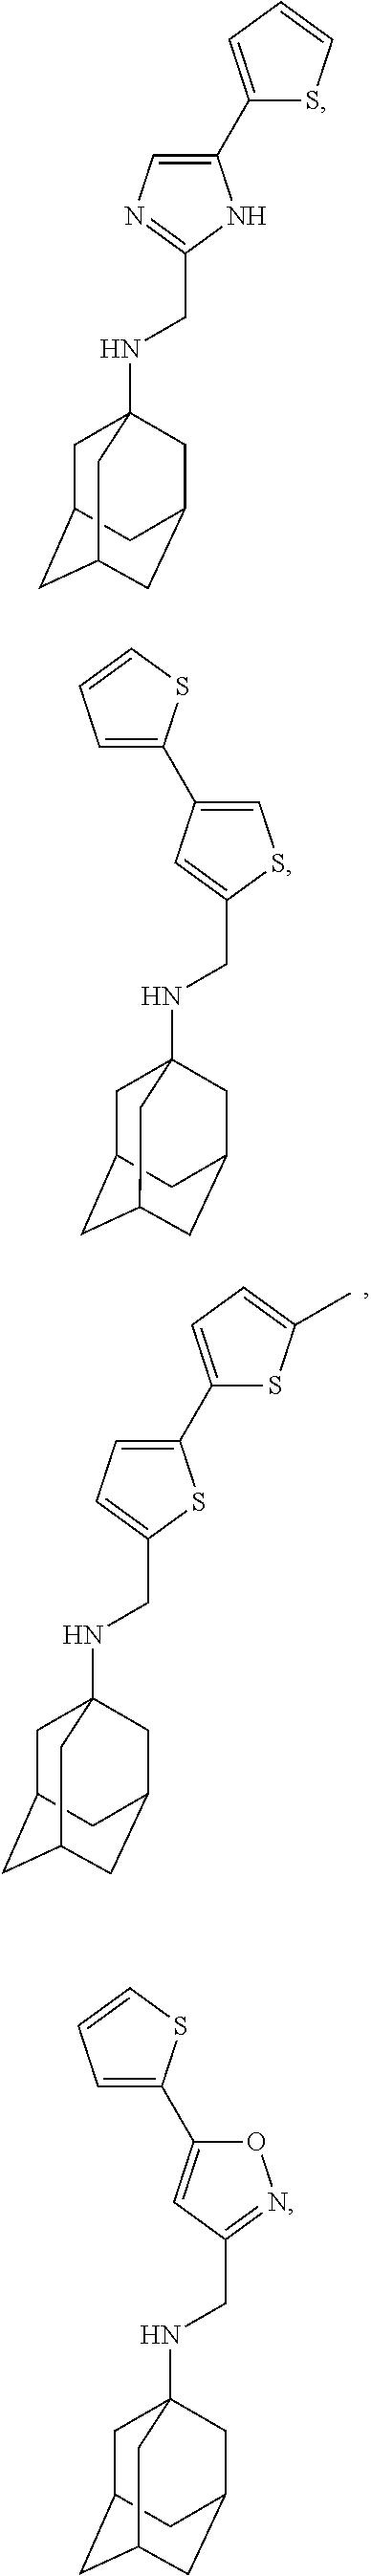 Figure US09884832-20180206-C00159